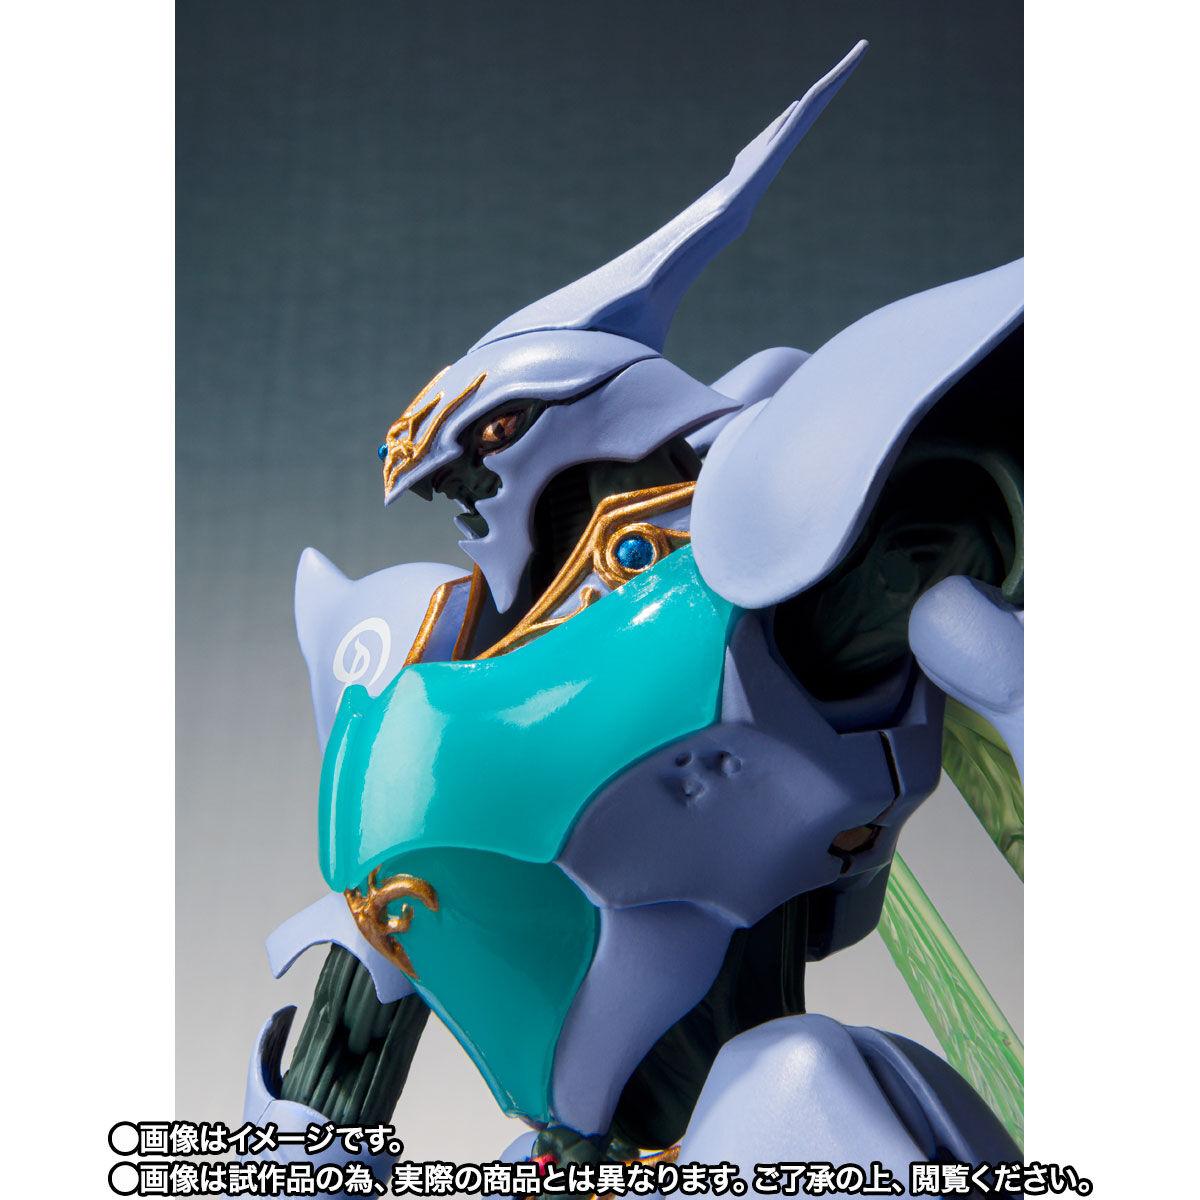 【限定販売】ROBOT魂〈SIDE AB〉『サーバイン(AURA FHANTASM)』可動フィギュア-005